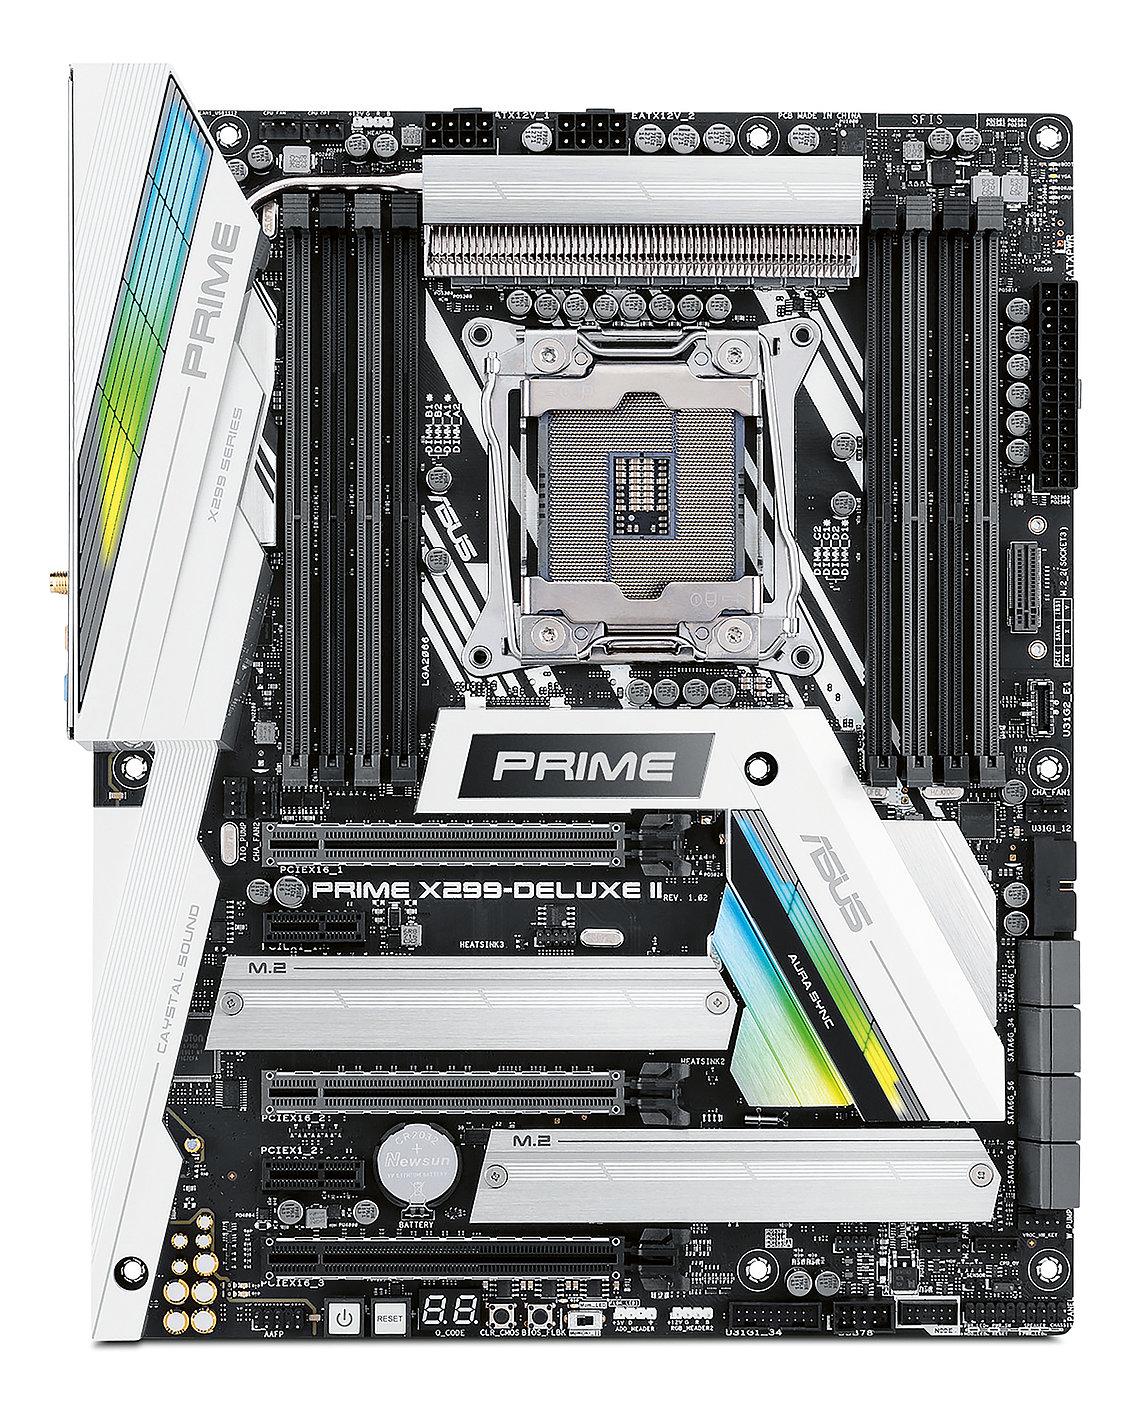 Prime X299-Deluxe II | Red Dot Design Award